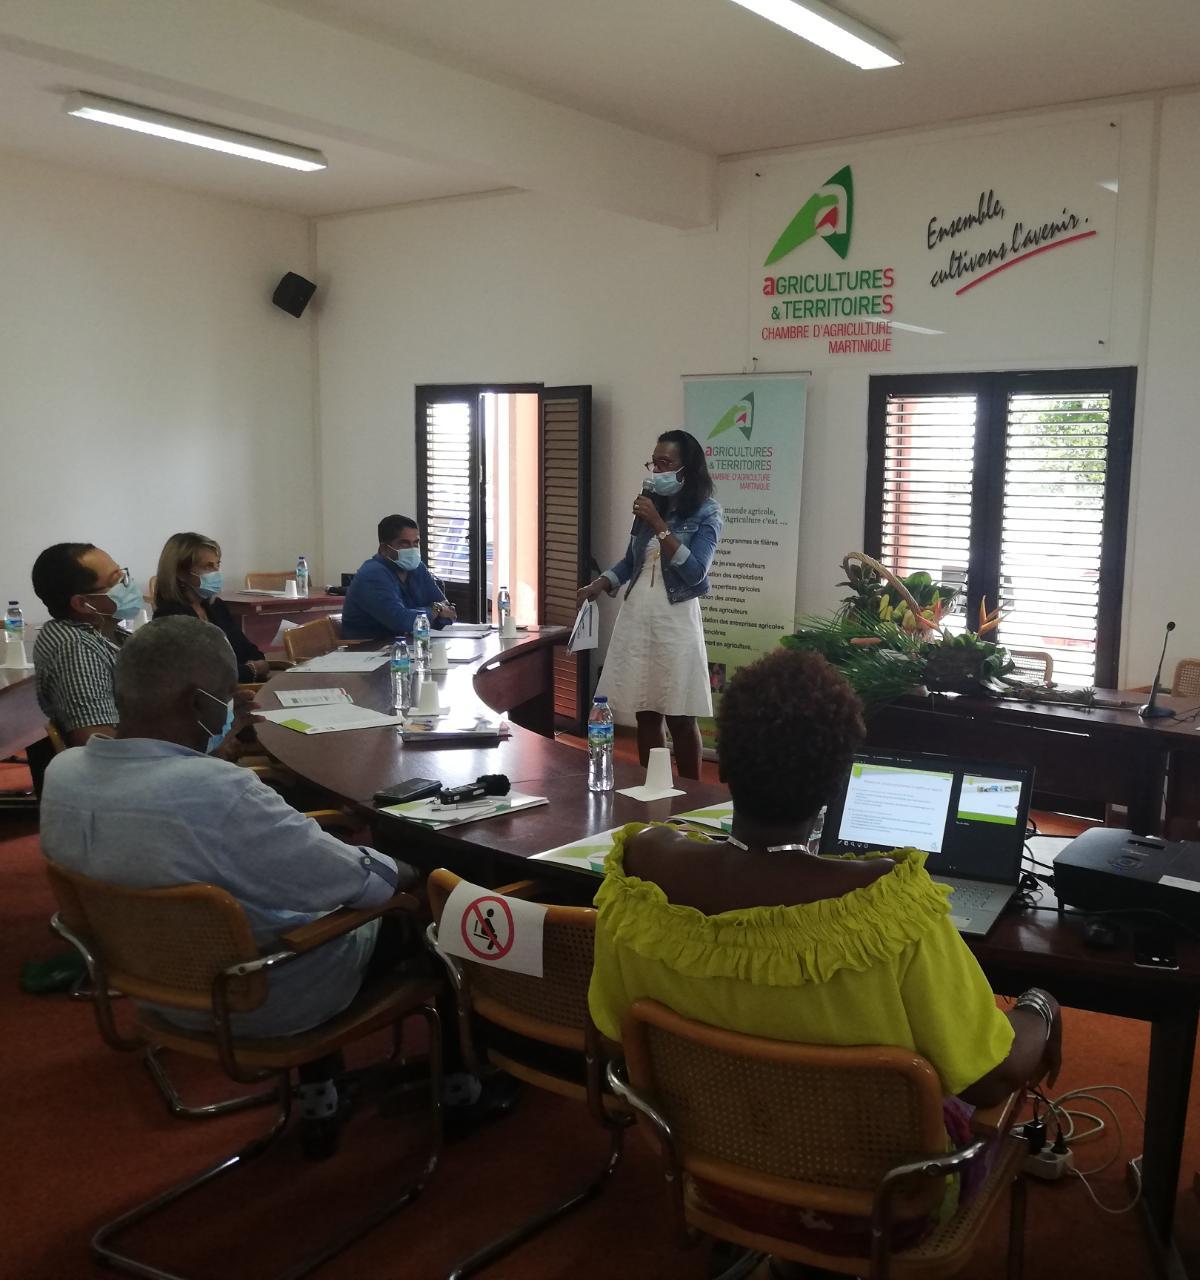 Une centainede projets présentés pour la sécurité alimentaire et la relance agricole en Martinique